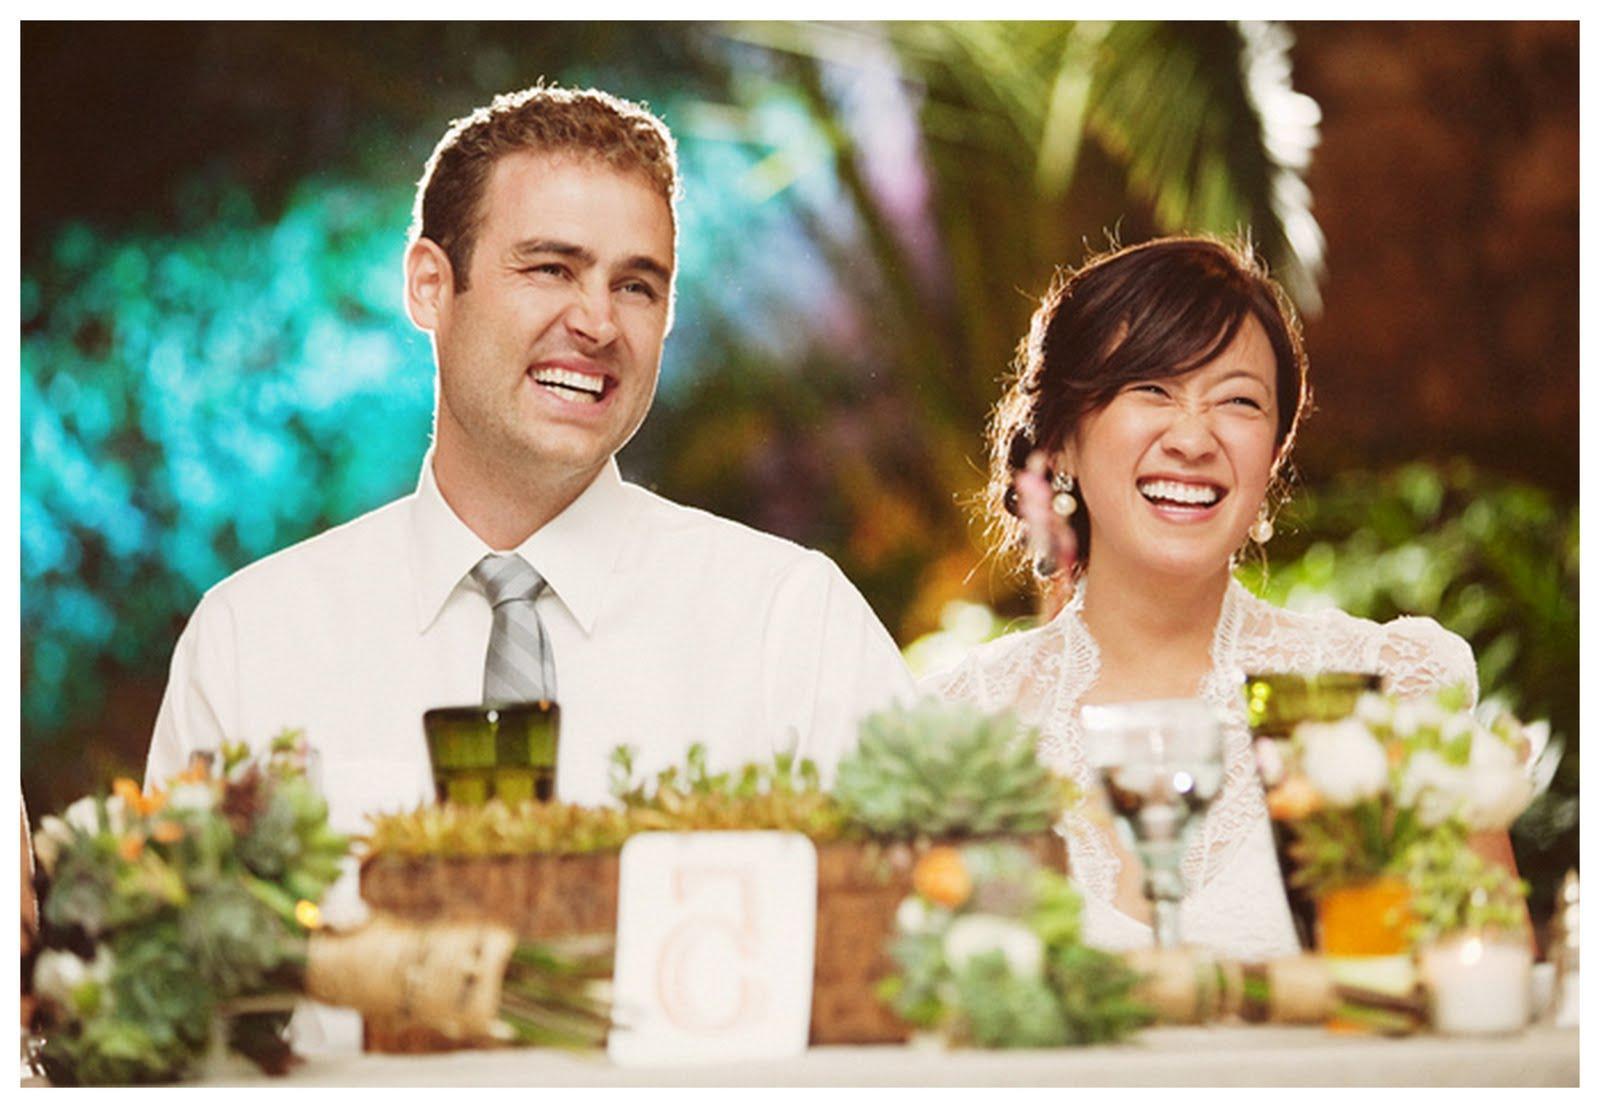 wedding centerpiece landscape